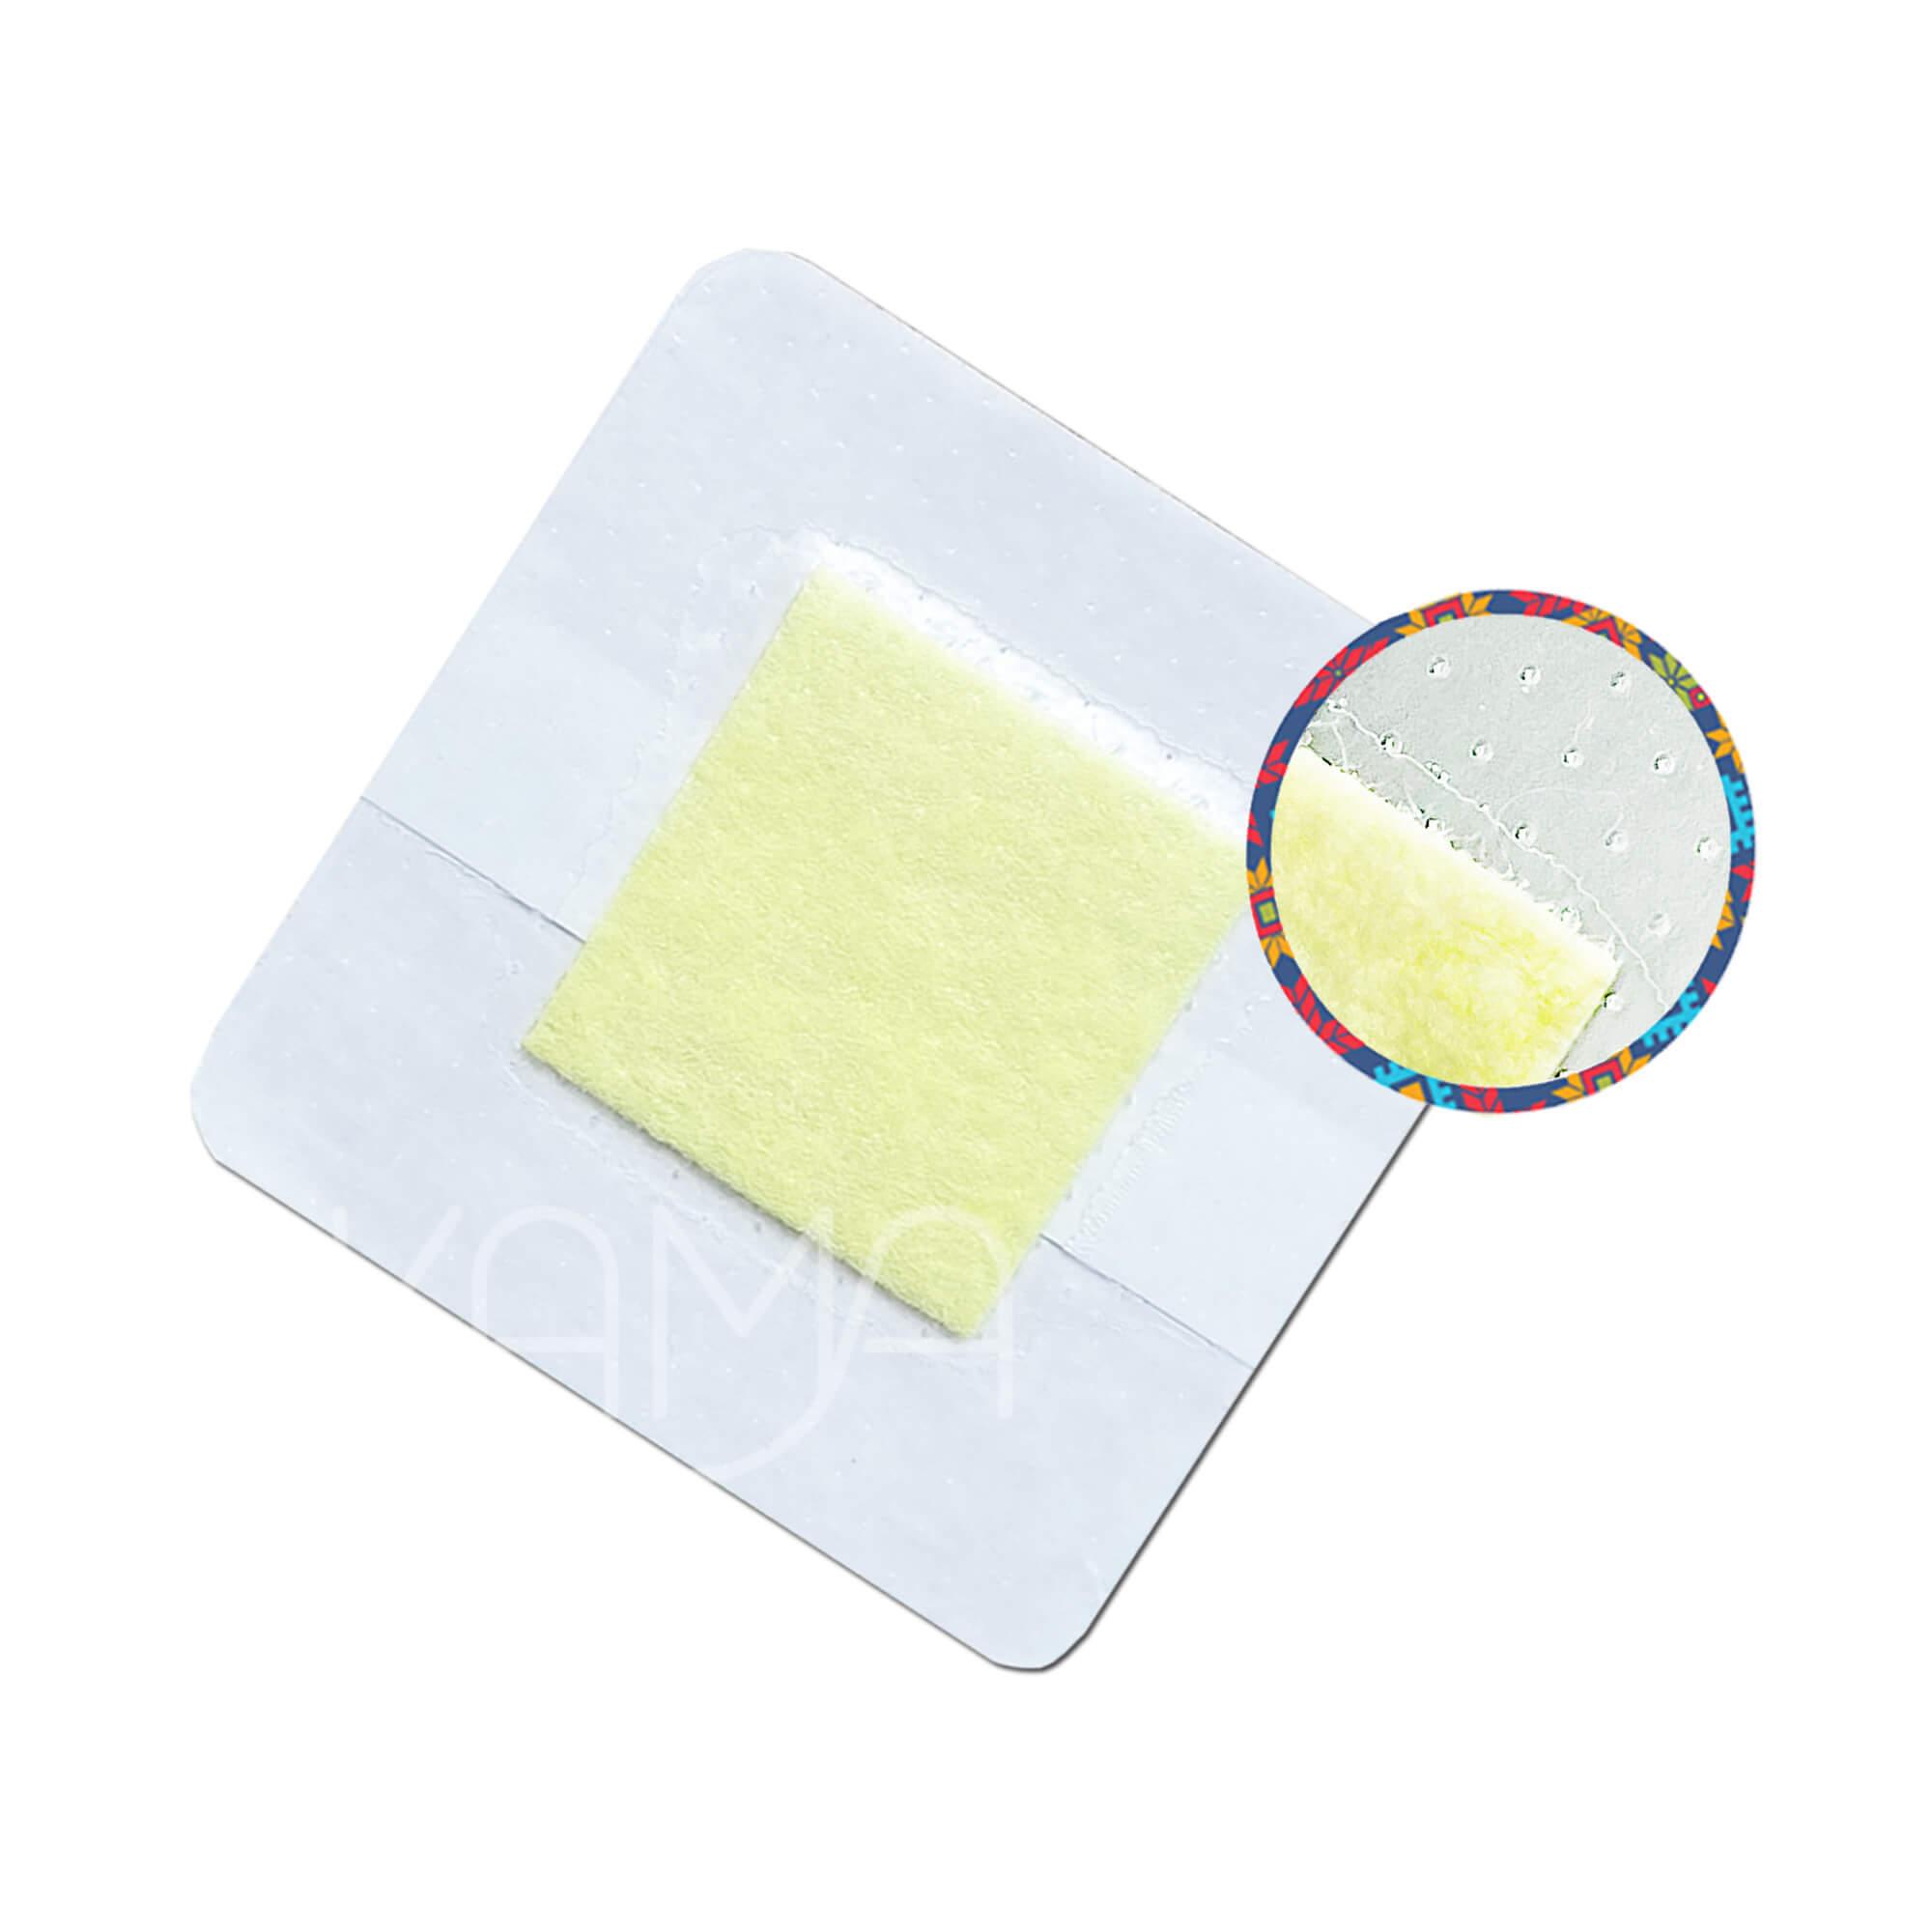 Пластыри бактерицидные на полимерной основе Мультиплекс Клир прозрачные, 3 размера, №15